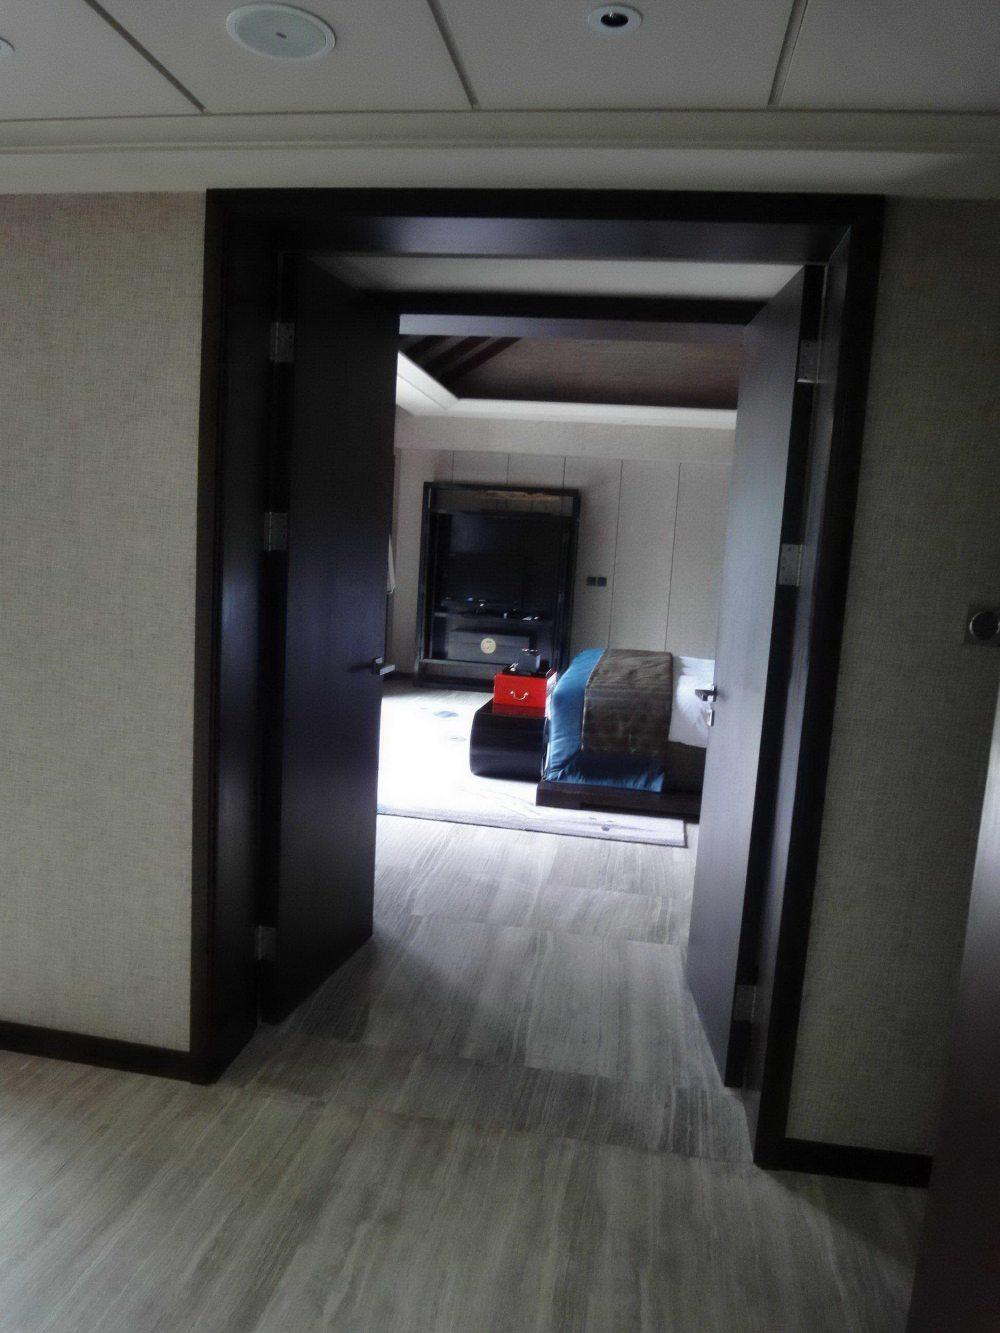 云南丽江铂尔曼渡假酒店(Lijiang Pullman Hotel)(CCD)(第8页更新)_DSC05176.jpg